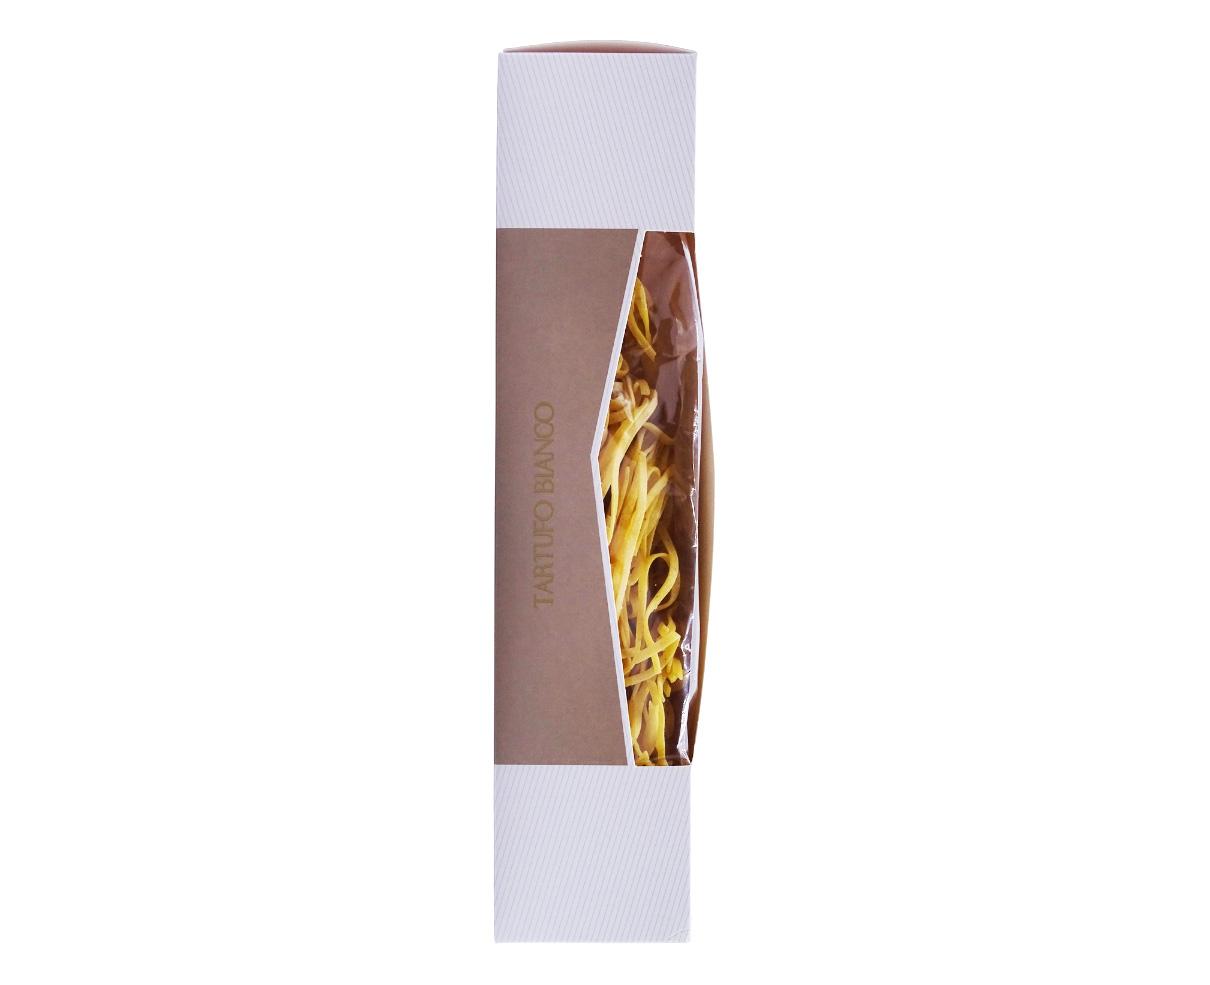 Tagliatelle al tartufo bianco Artigiani del Tartufo 250gr